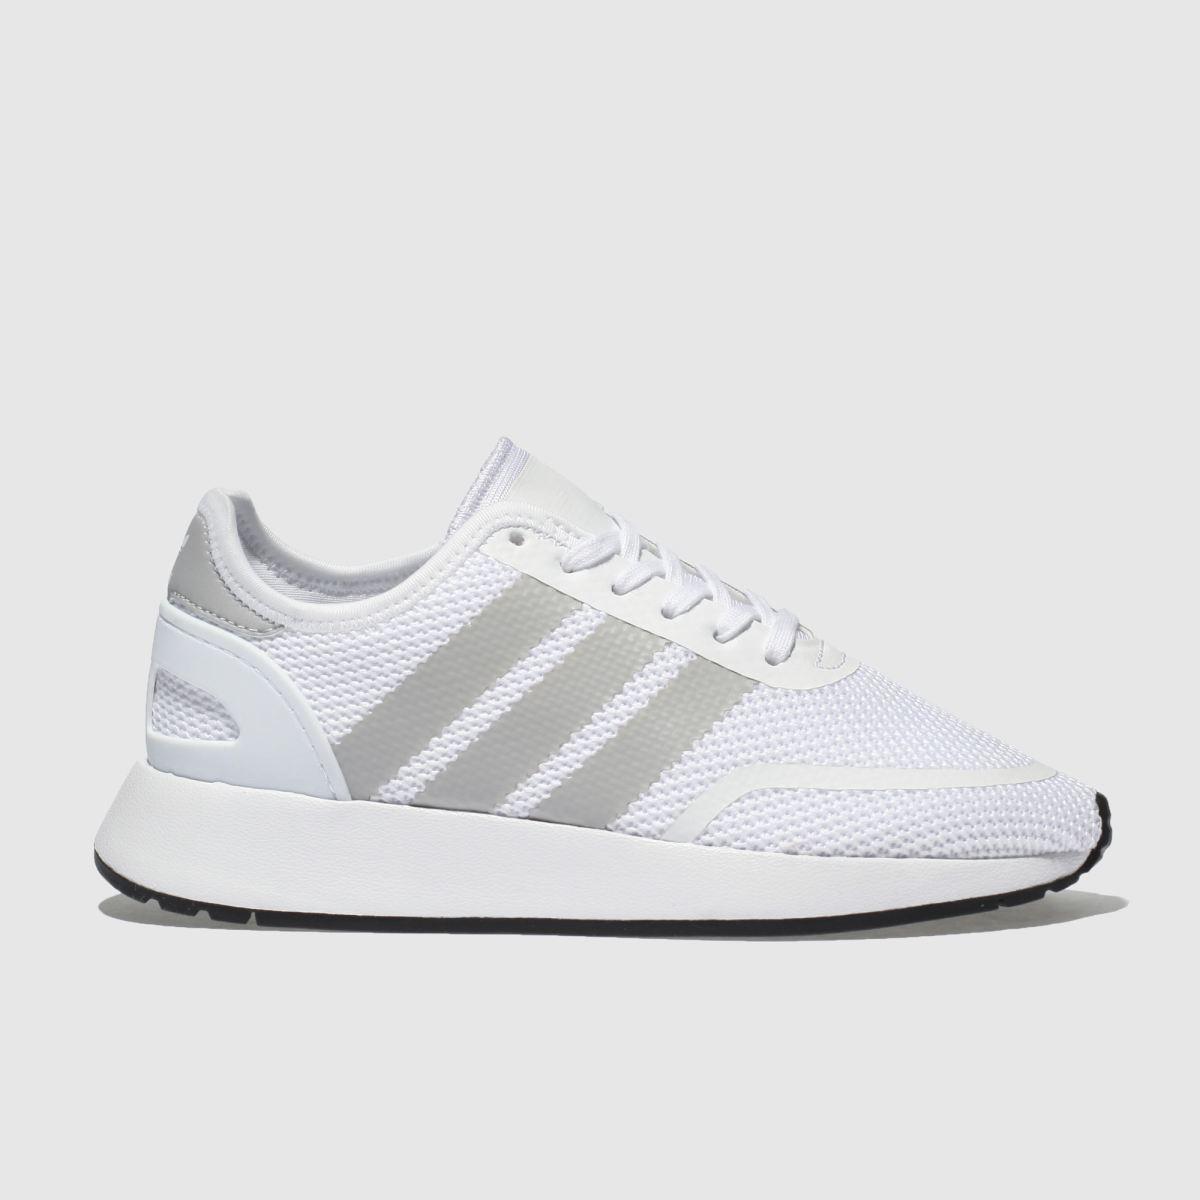 Adidas White & Grey N-5923 Unisex Youth Youth